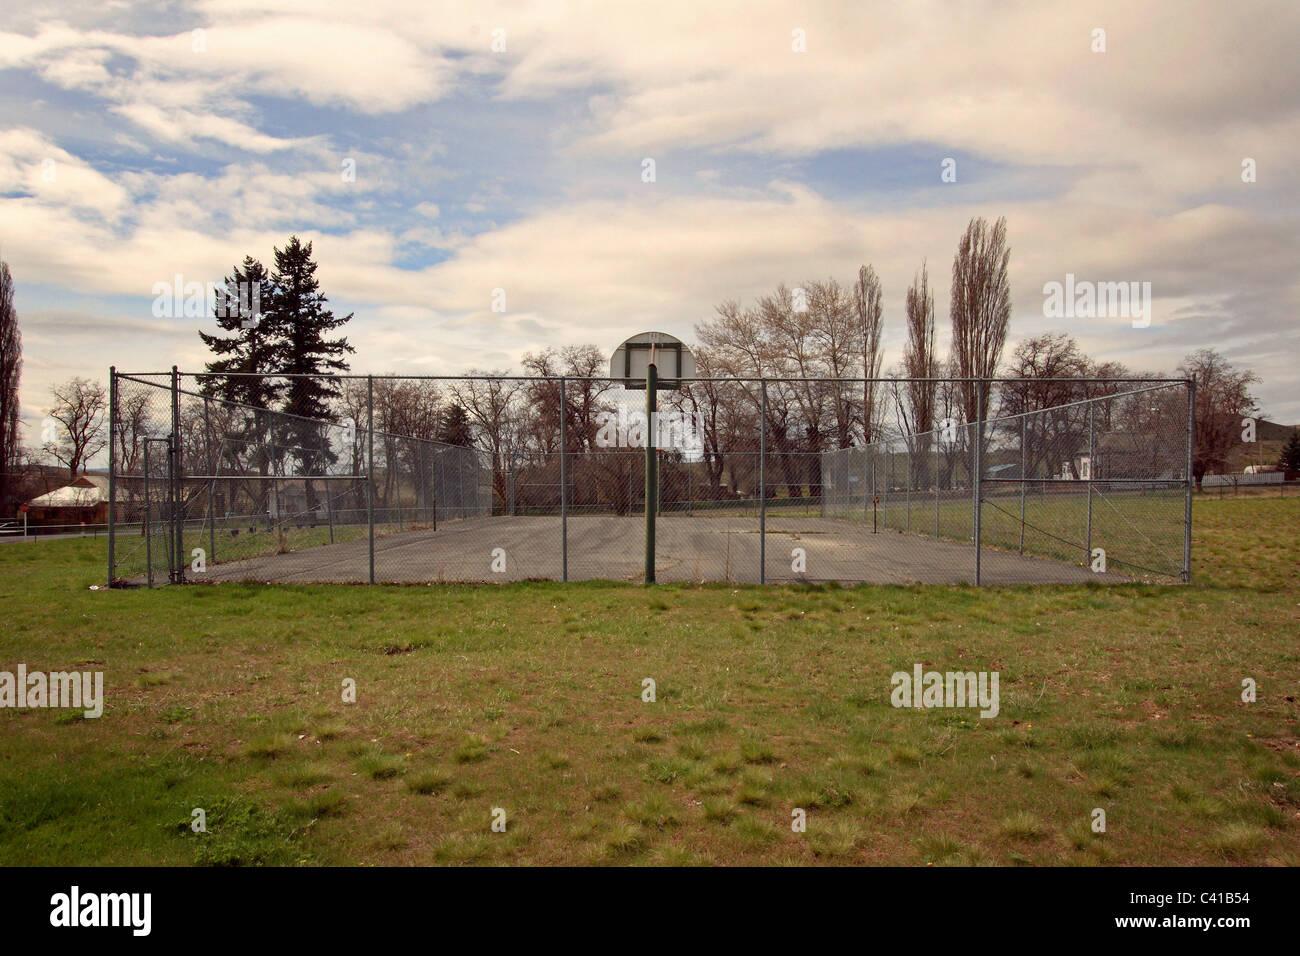 Abandoned playground Antelope, Oregon - Stock Image